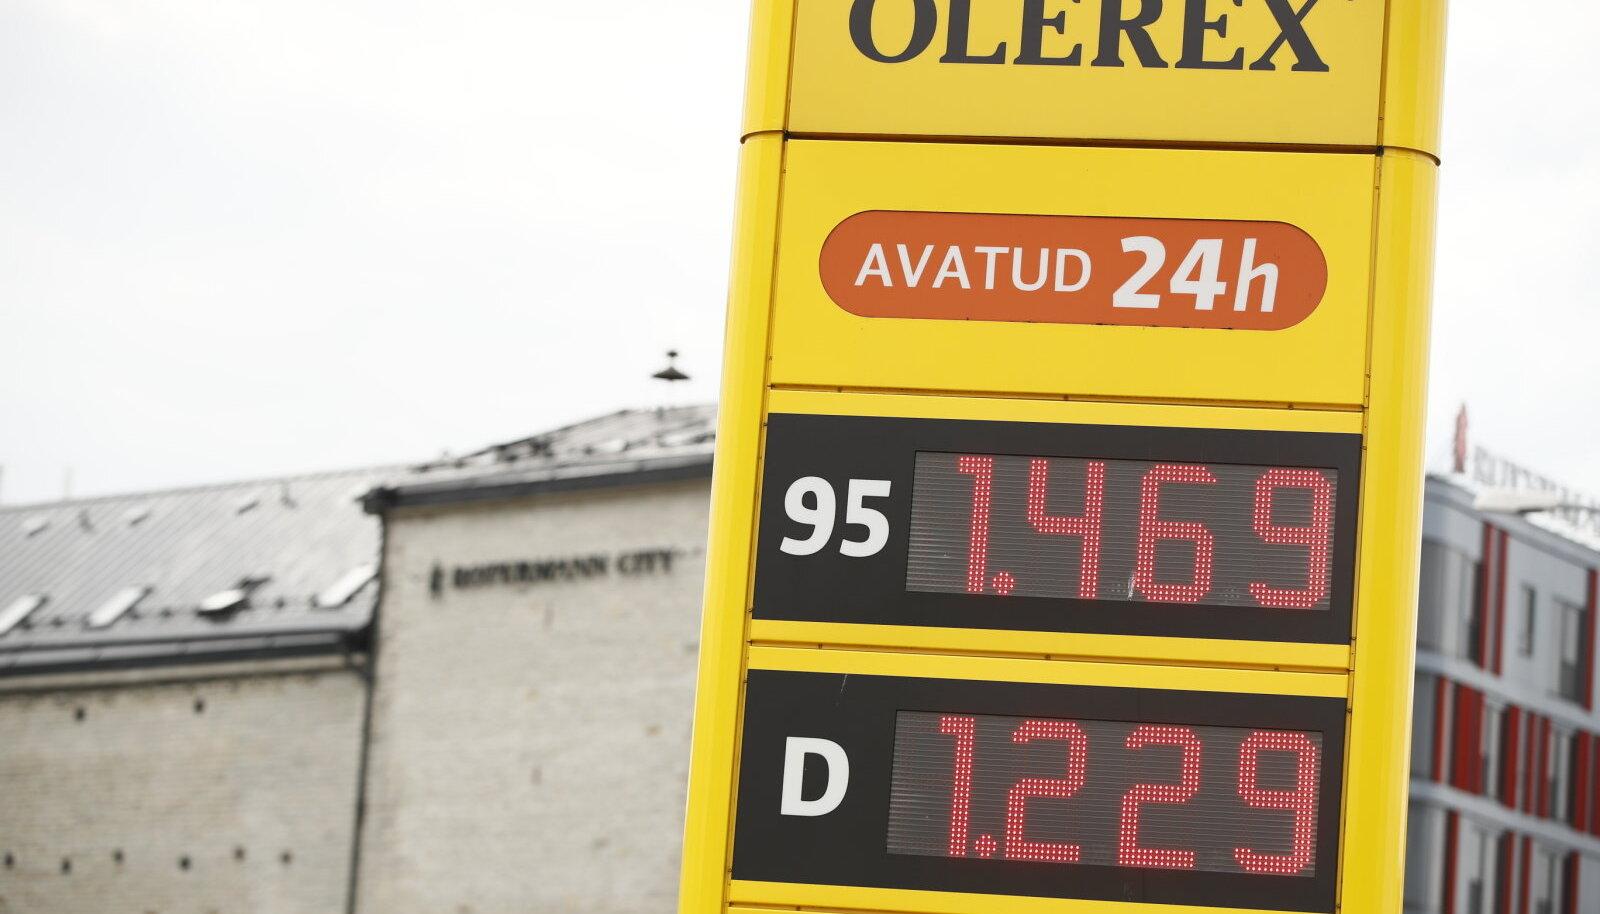 Kütuse hinnad 05.07.2021